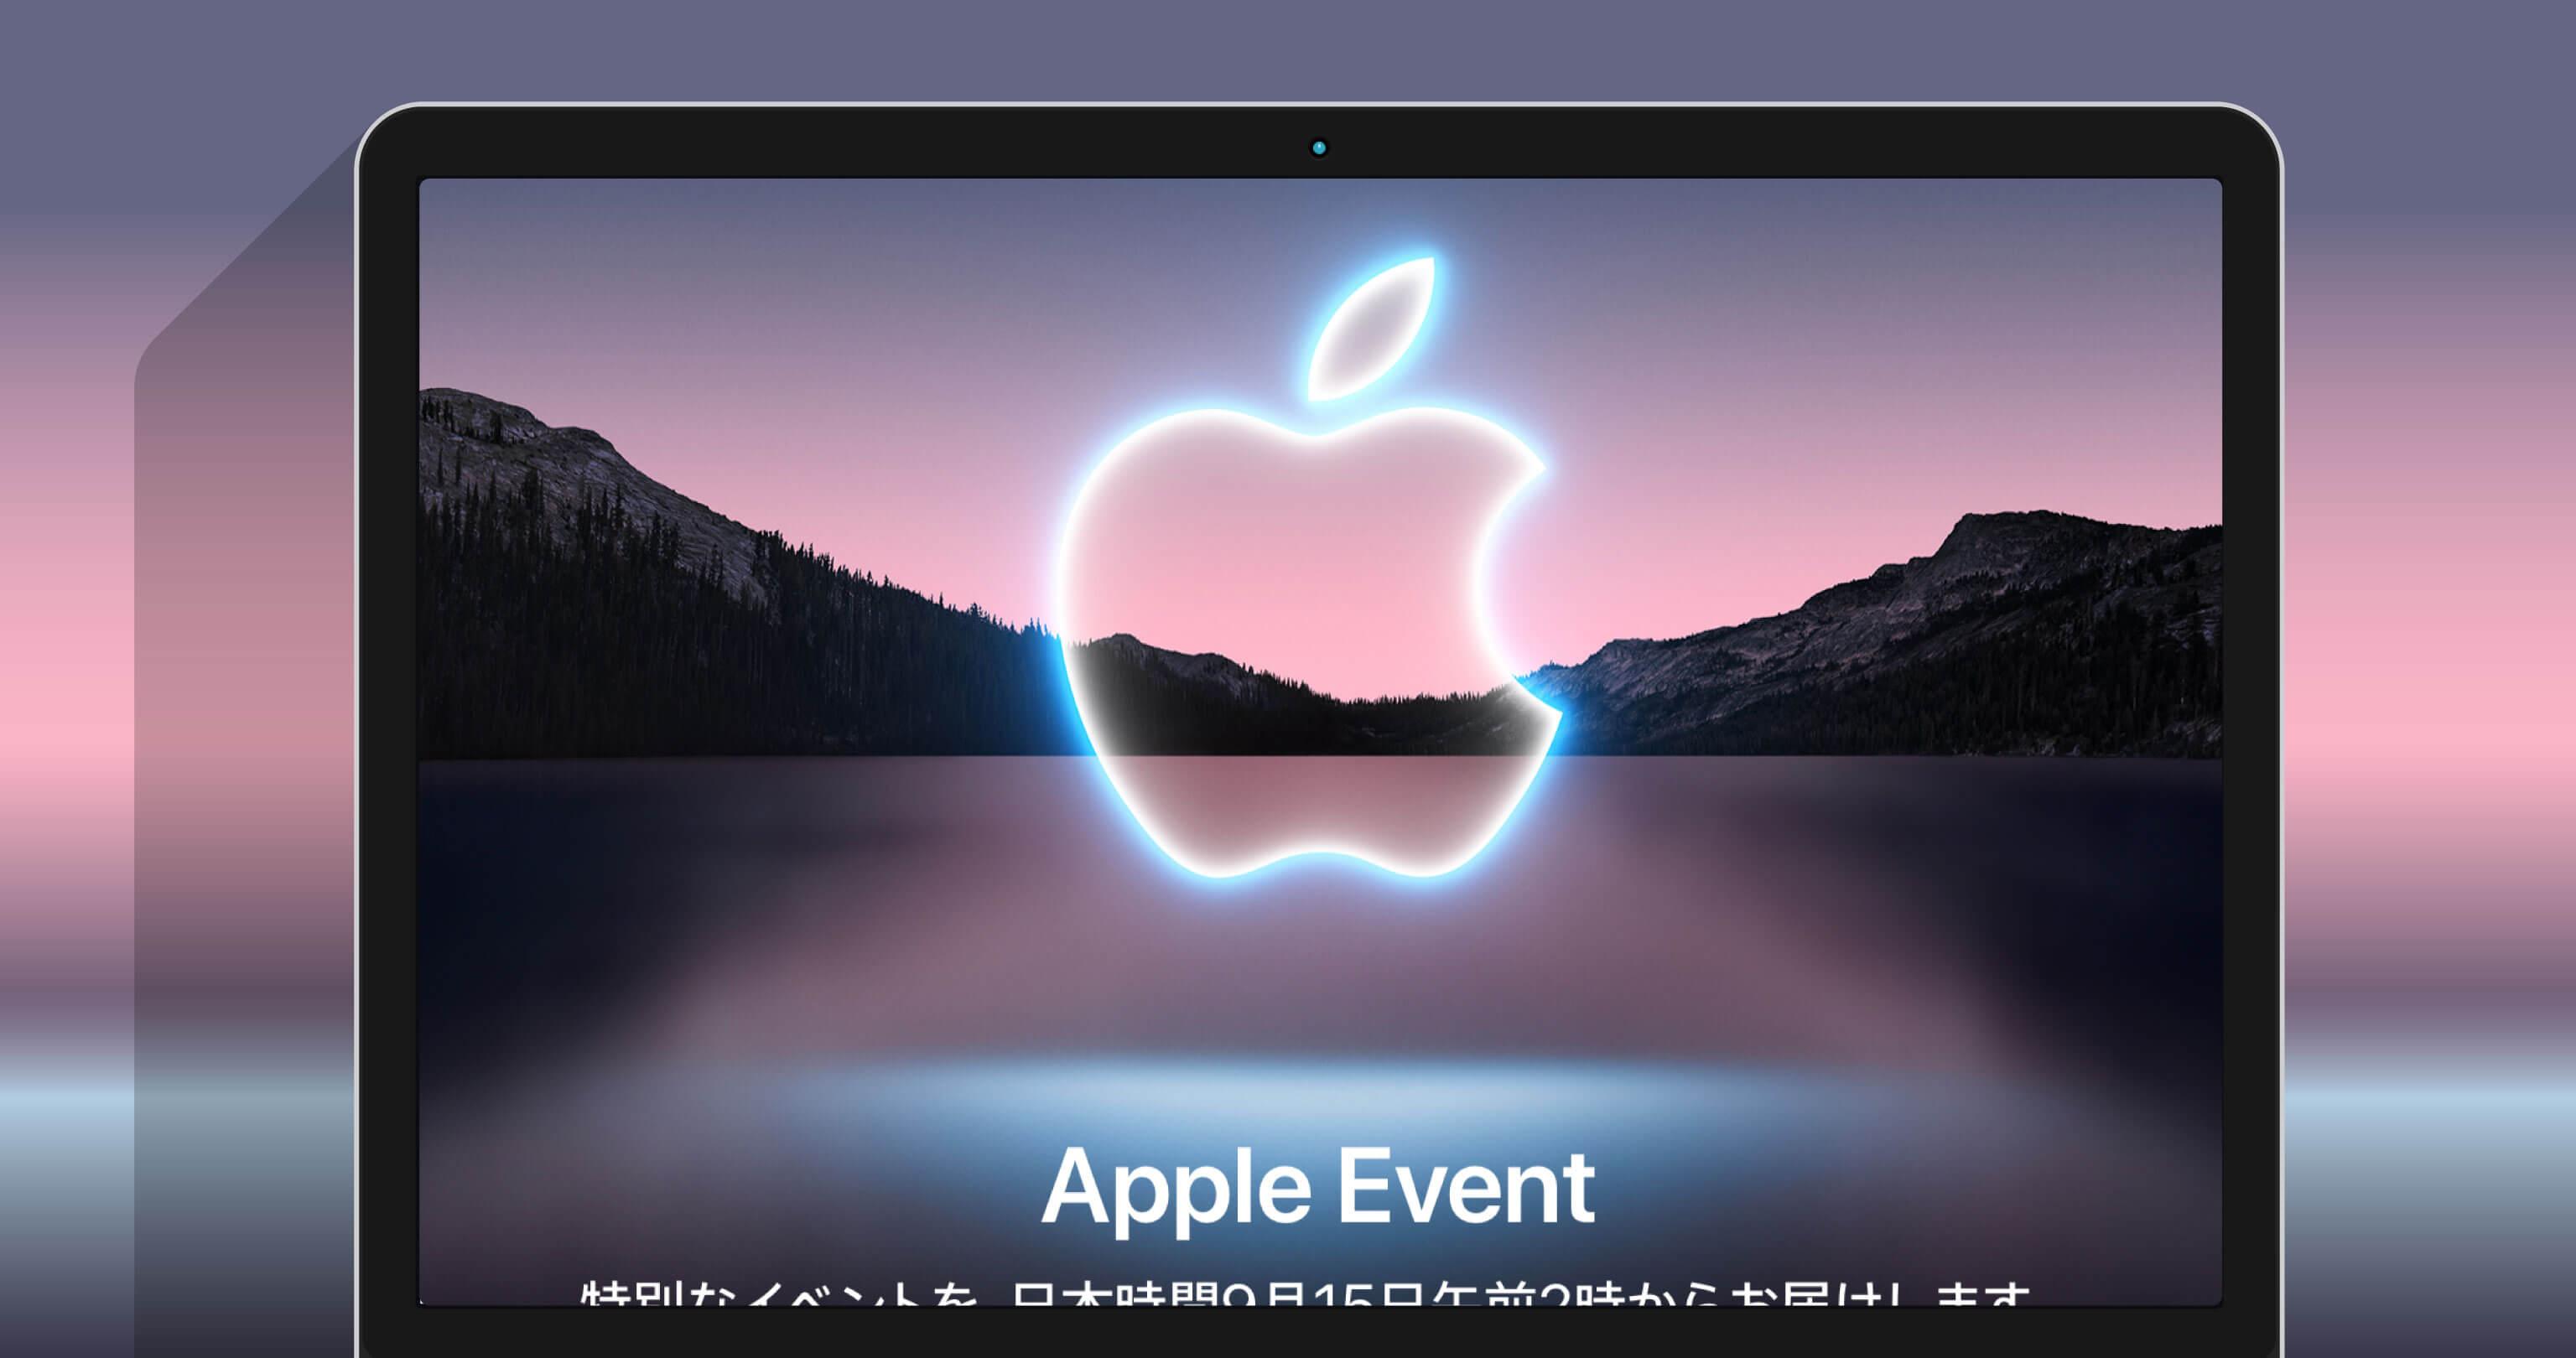 Appleが2021年9月のイベント開催を発表。新製品の噂とともにチェック